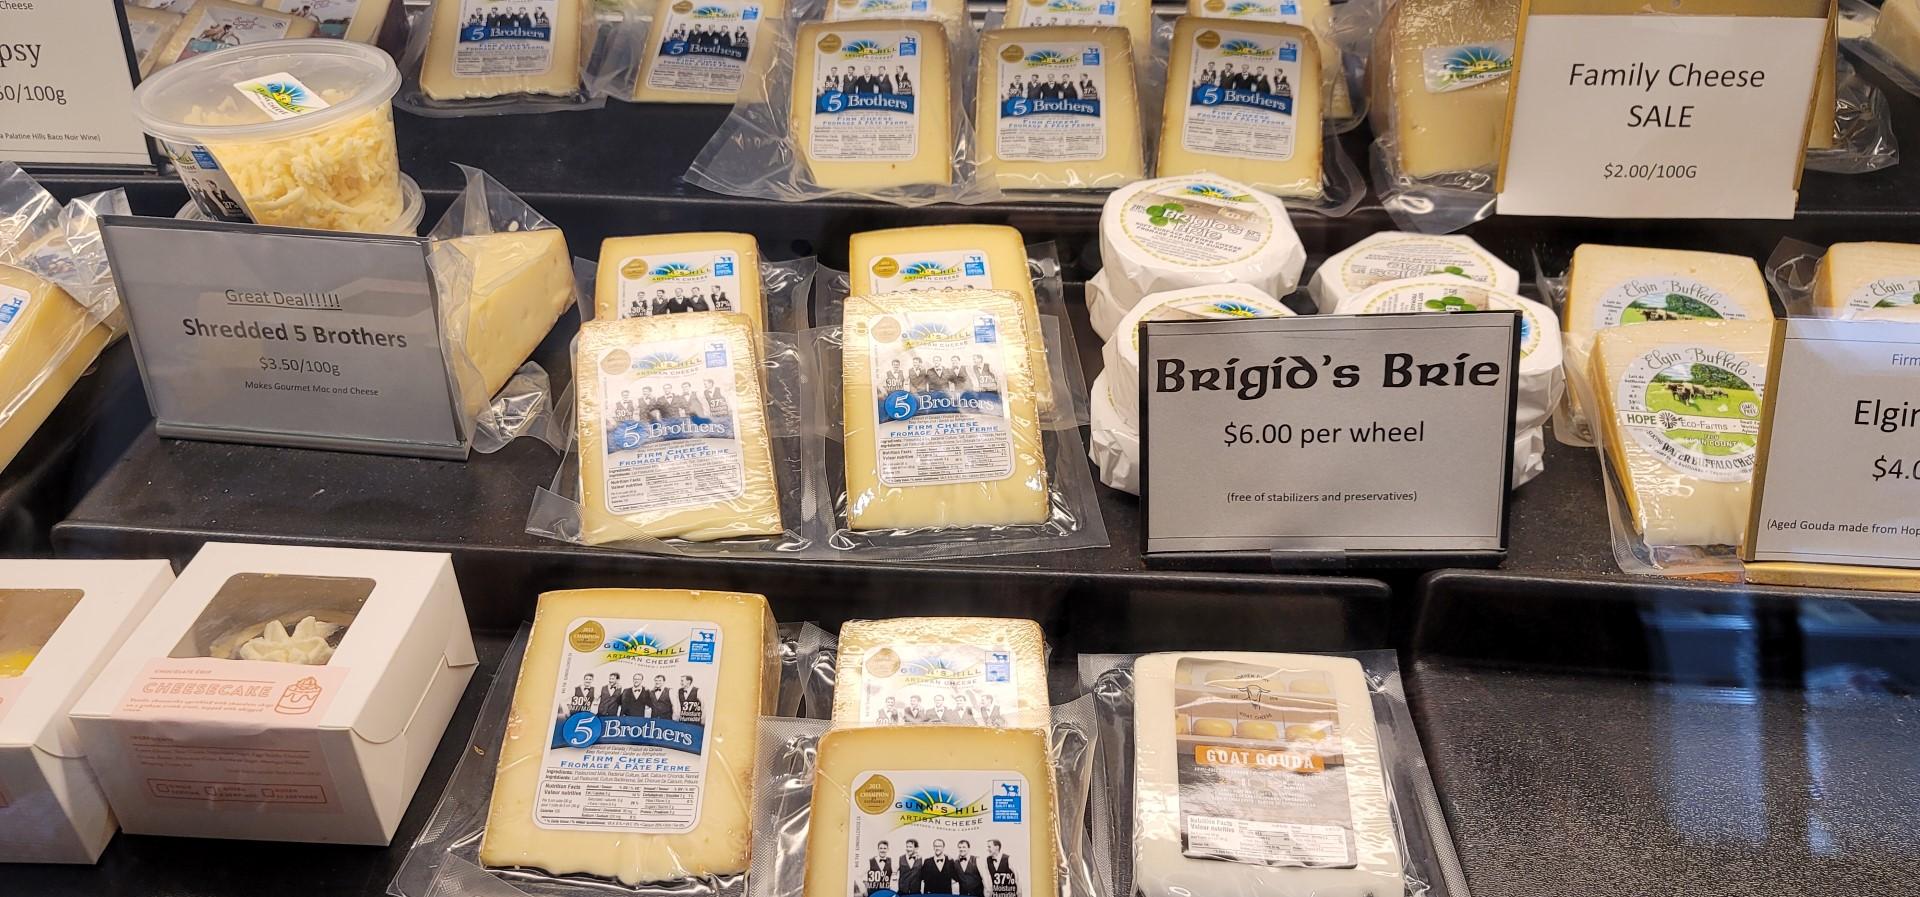 Cheese display at Gunns Hill Cheese